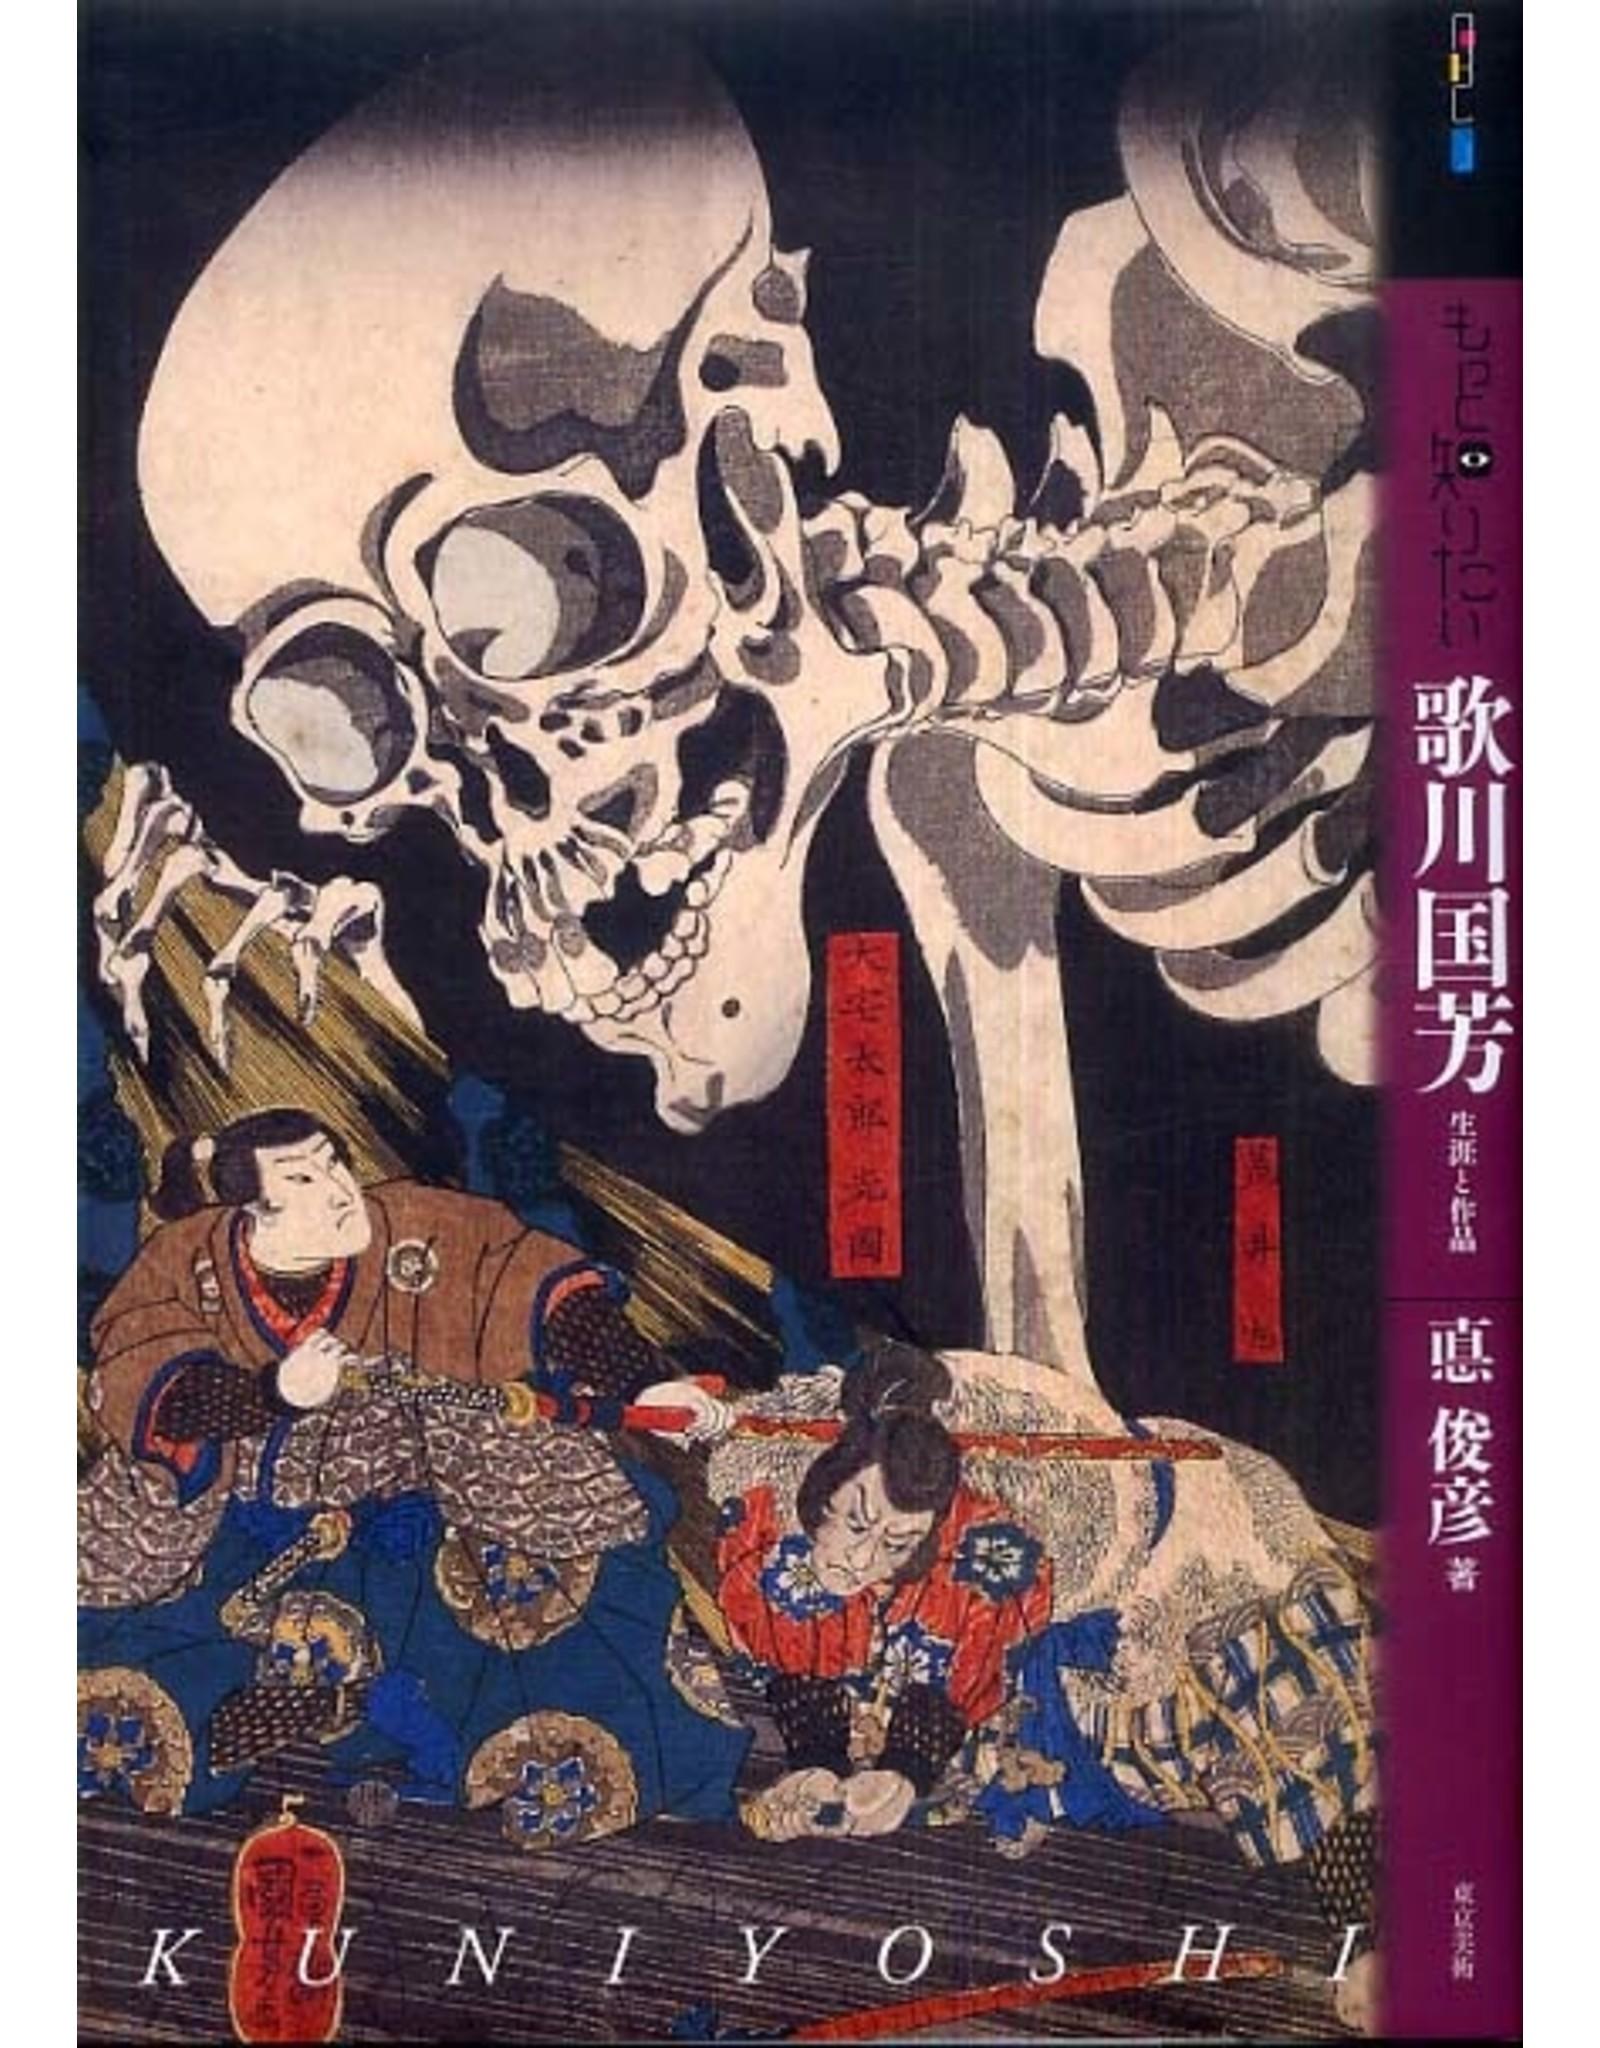 TOKYO BIJUTSU UTAGAWA KUNIYOSHI - BEGINNERS GUIDE TO KNOW HIS LIFE AND WORK